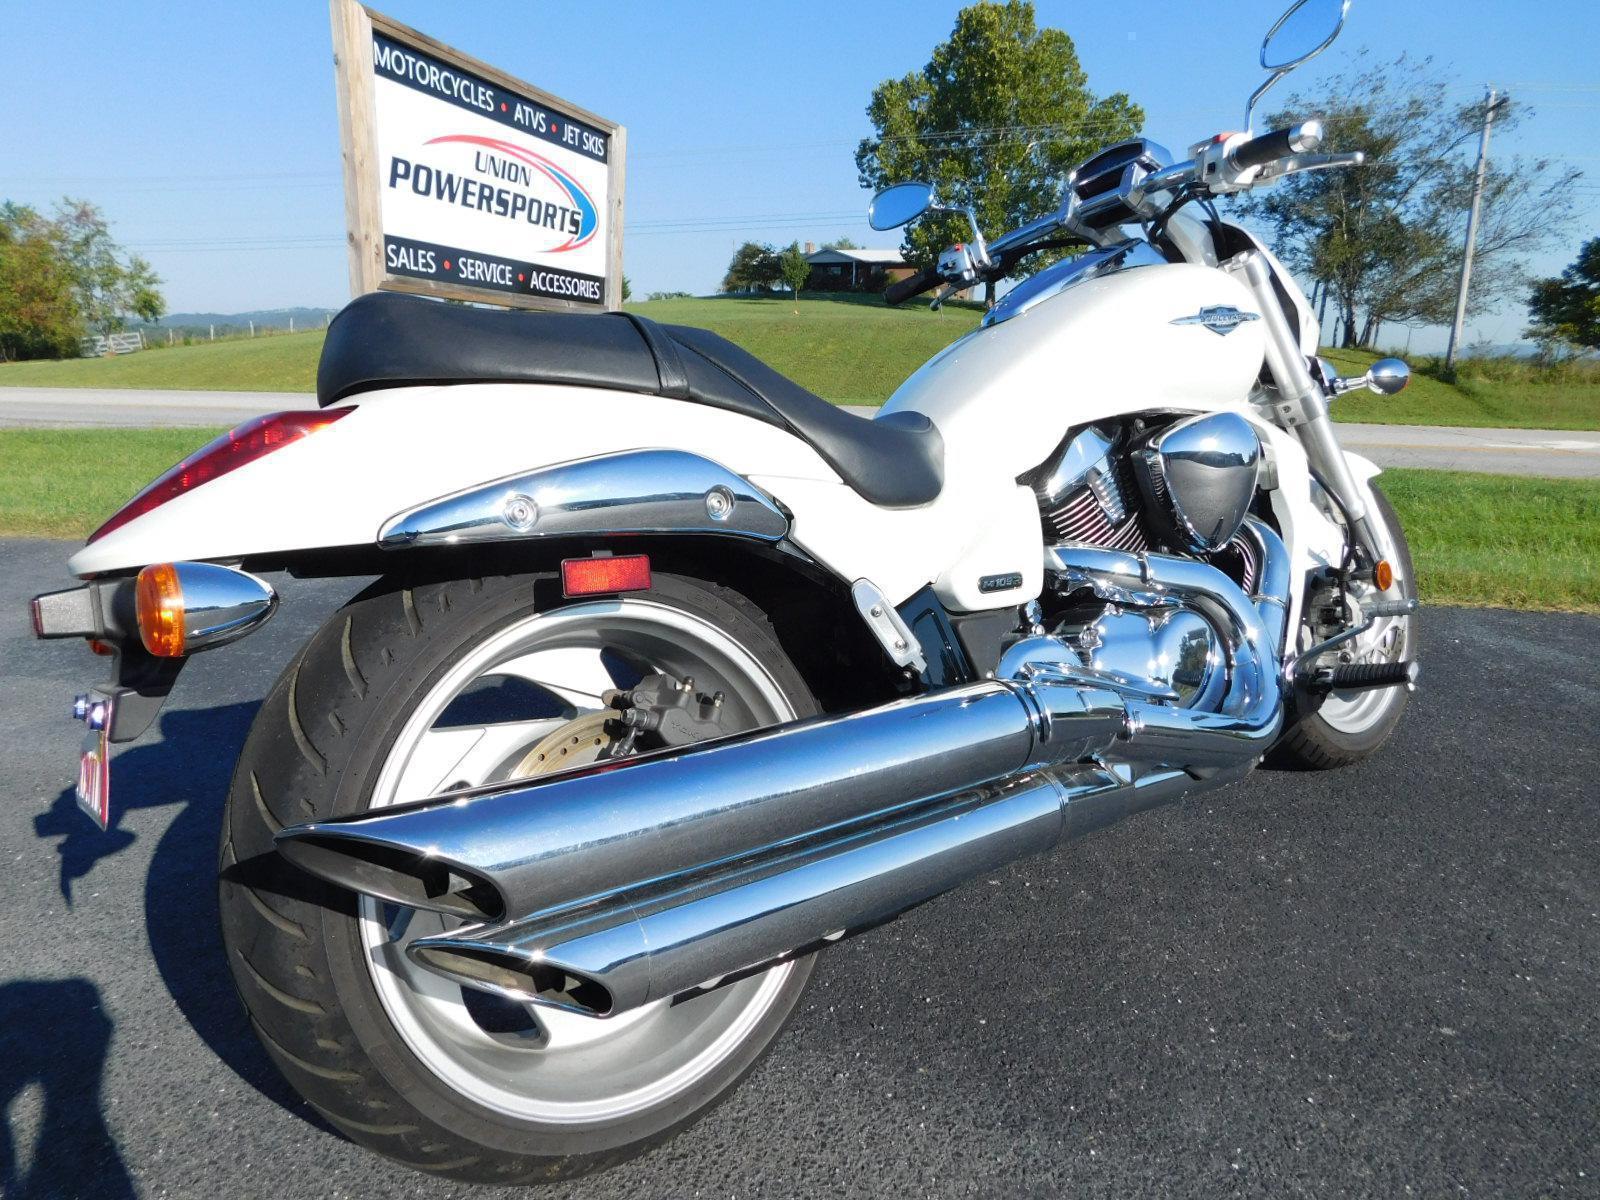 2007 suzuki boulevard m109r for sale in blairsville ga union